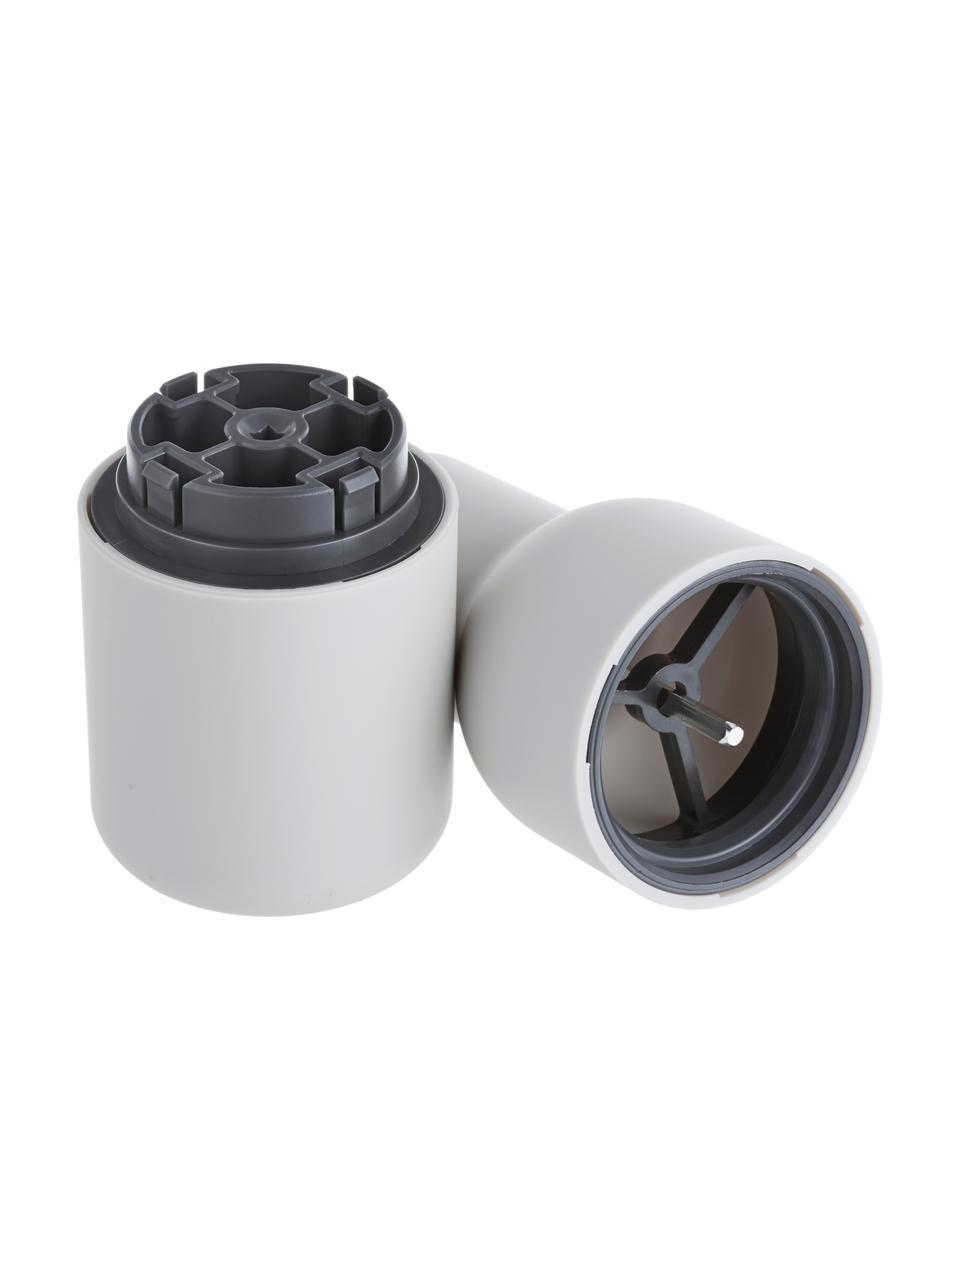 Komplet młynków do soli i pieprzu Bottle Grinder, 2elem., Korpus: tworzywo sztuczne, Antracytowy, biały, Ø 8 x W 21 cm